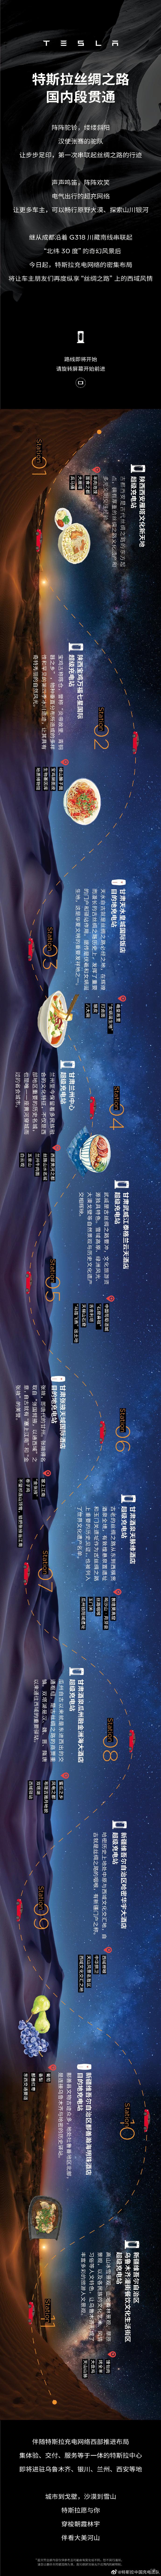 特斯拉丝绸之路国内段贯通-玩懂手机网 - 玩懂手机第一手的手机资讯网(www.wdshouji.com)